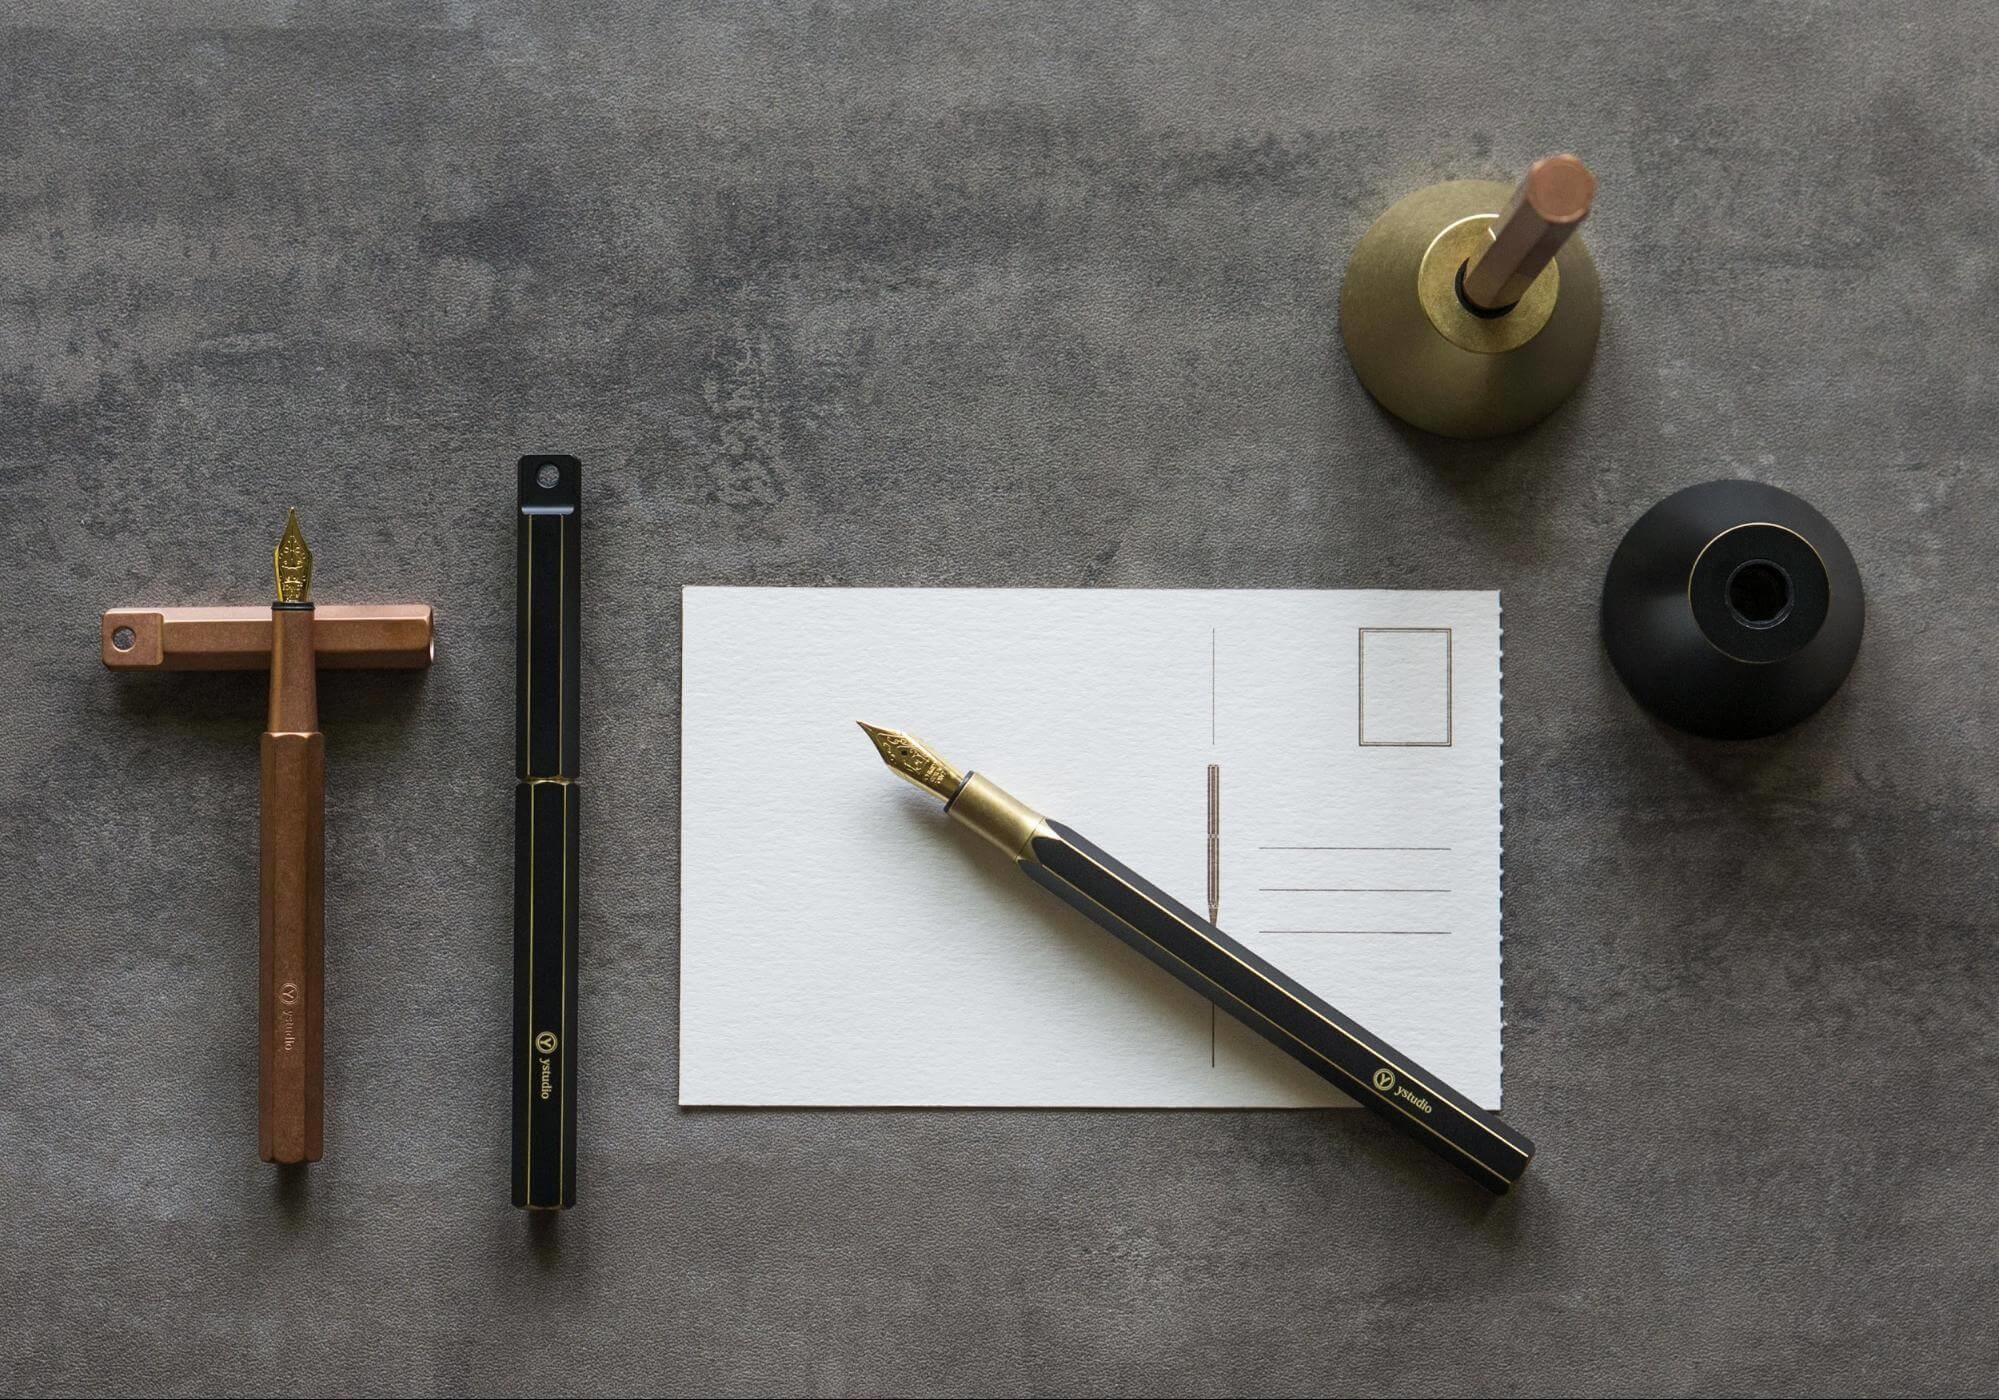 鋼筆用法教學